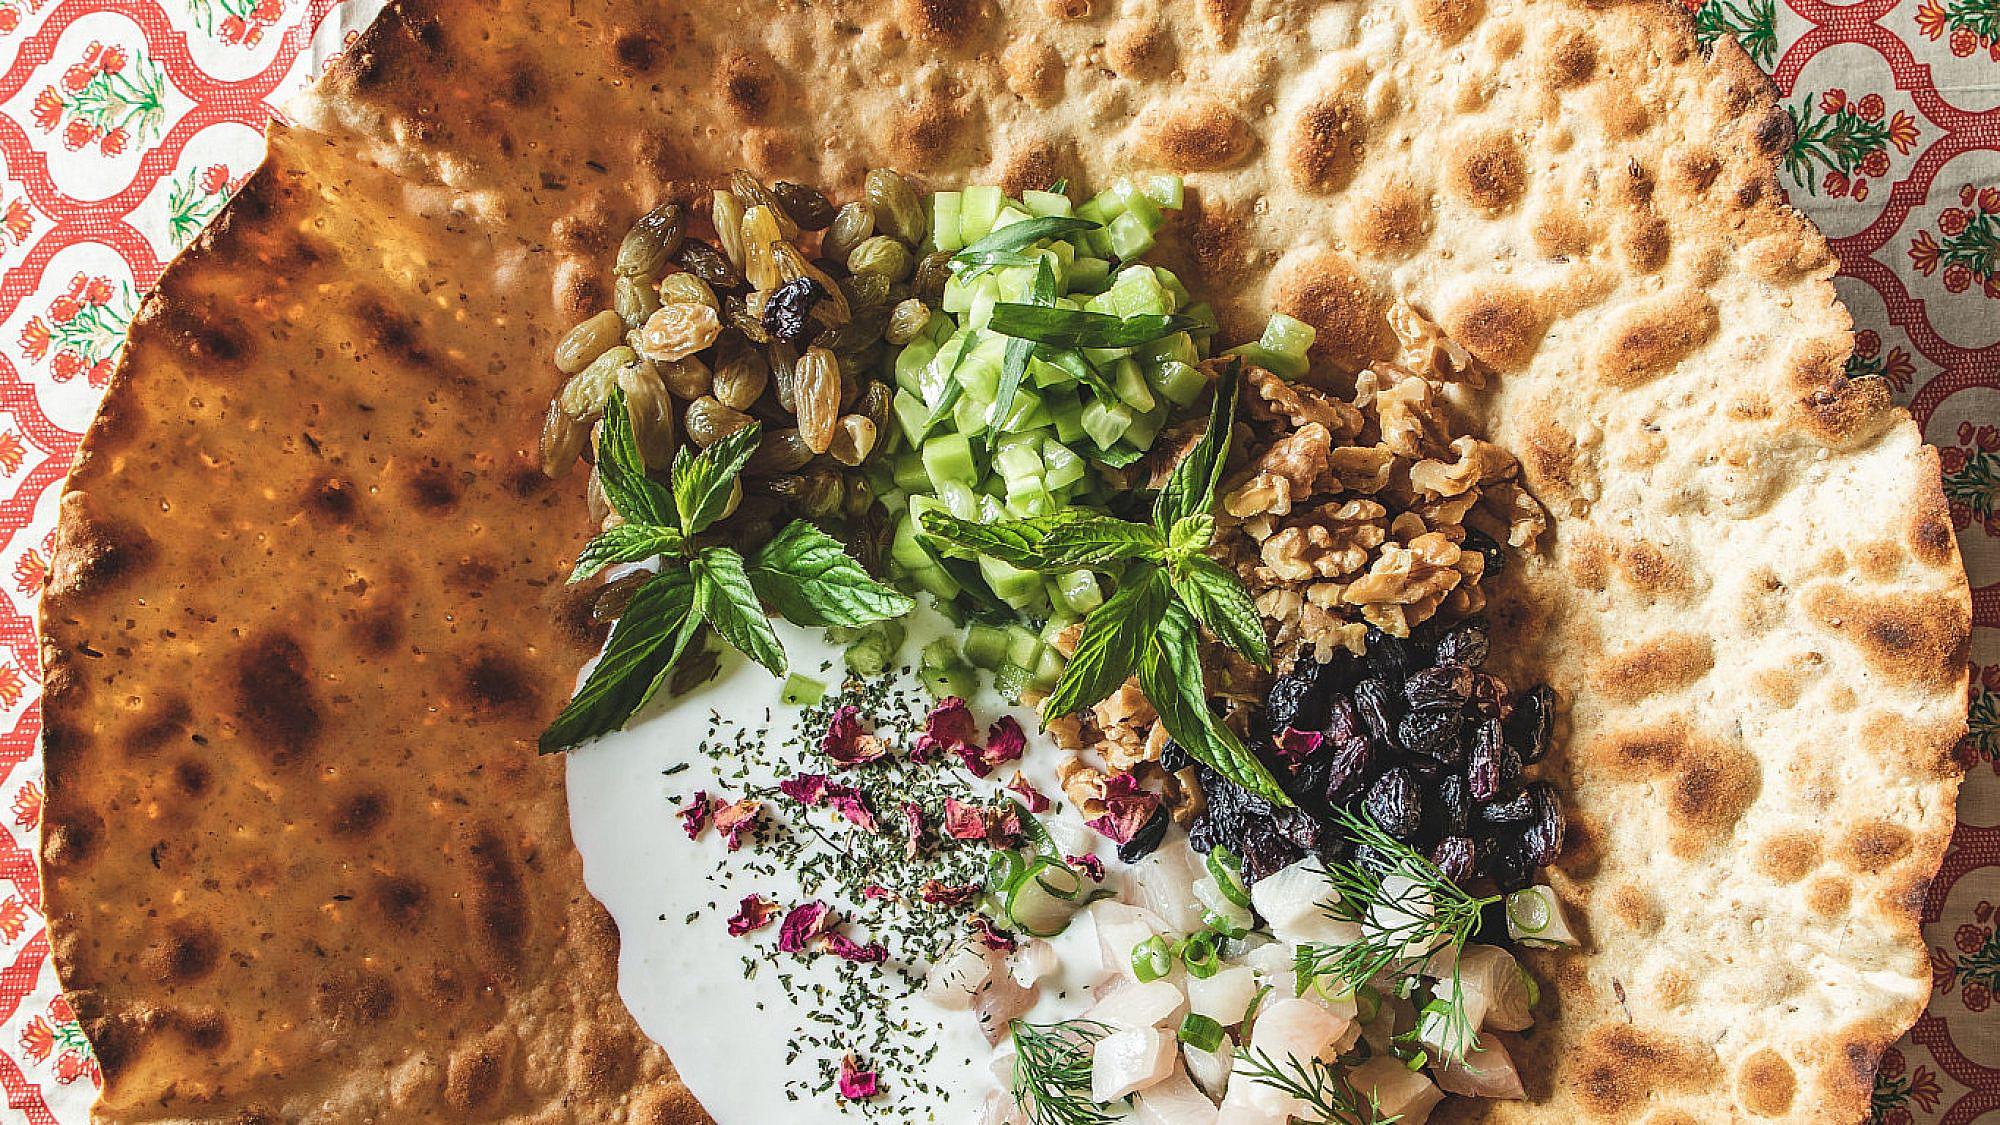 לחם בוכרי, דג ים, מטבל יוגורט, מלפפונים וצימוקים של שף הלל תווקולי   צילום: שני בריל, סטיילינג: עינב רייכנר